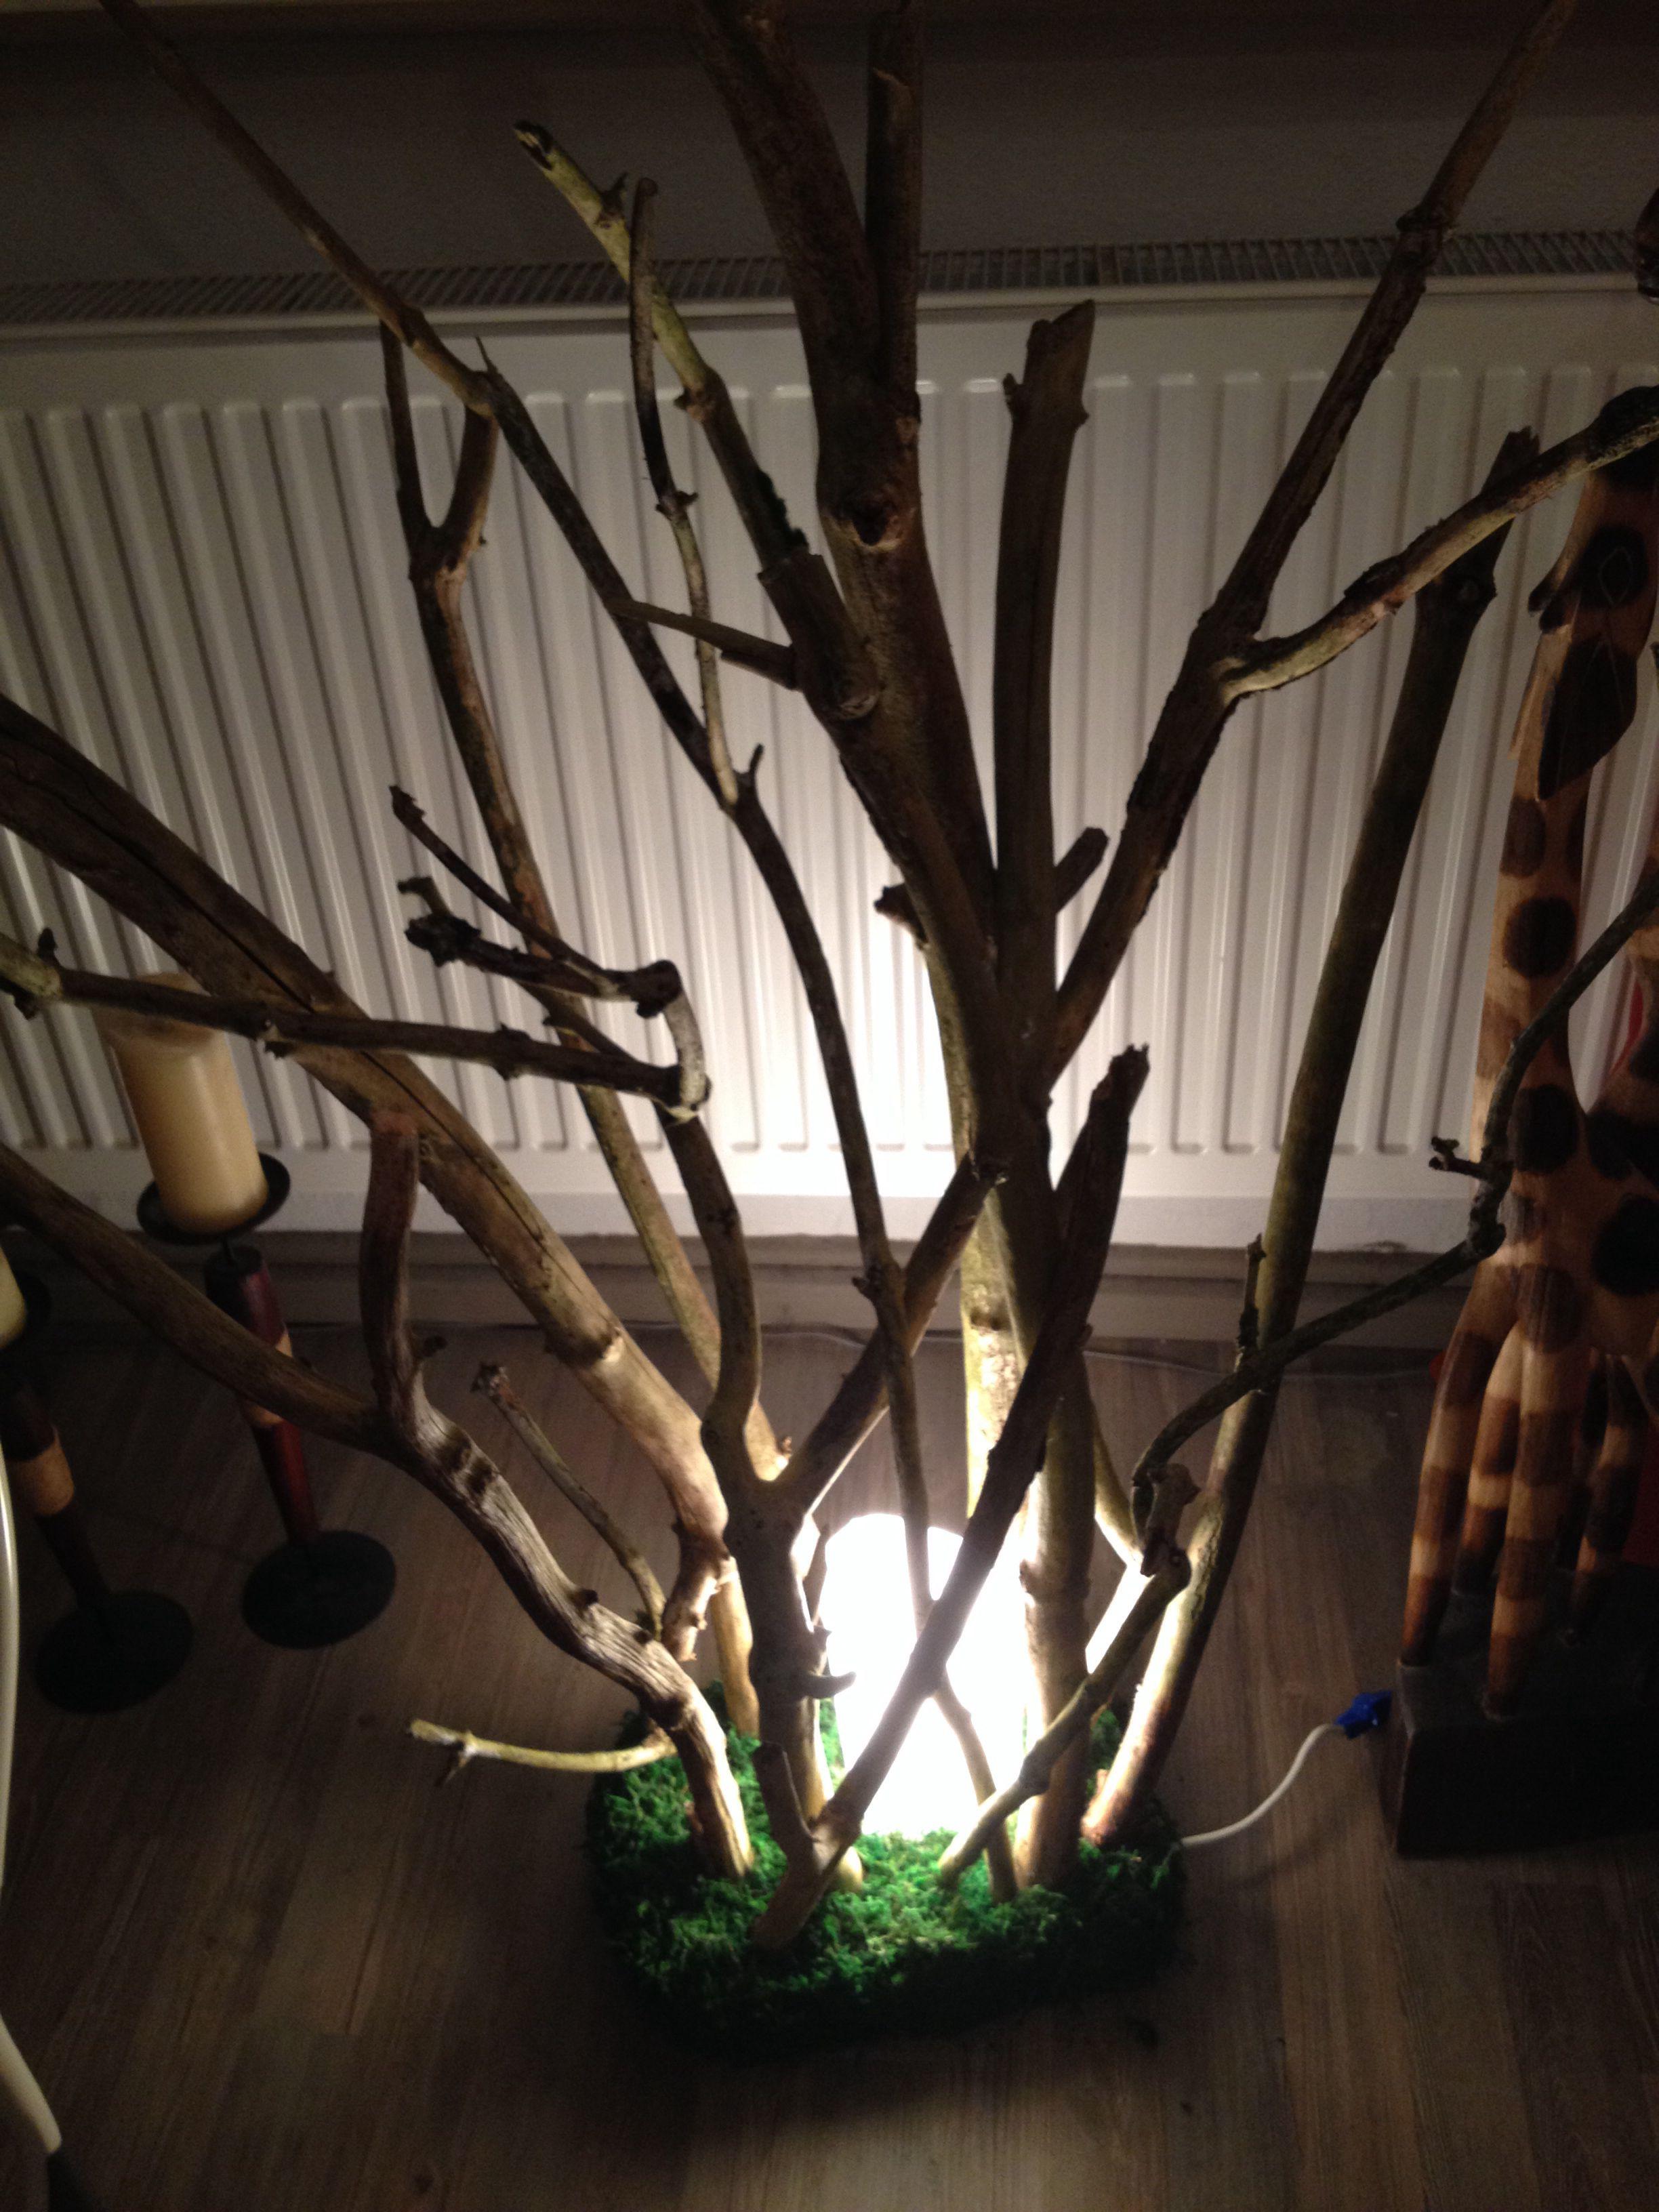 stehlampe holz zum selber machen nehmt eine mandarinen holzkiste umwickelt eine lampenfassung. Black Bedroom Furniture Sets. Home Design Ideas